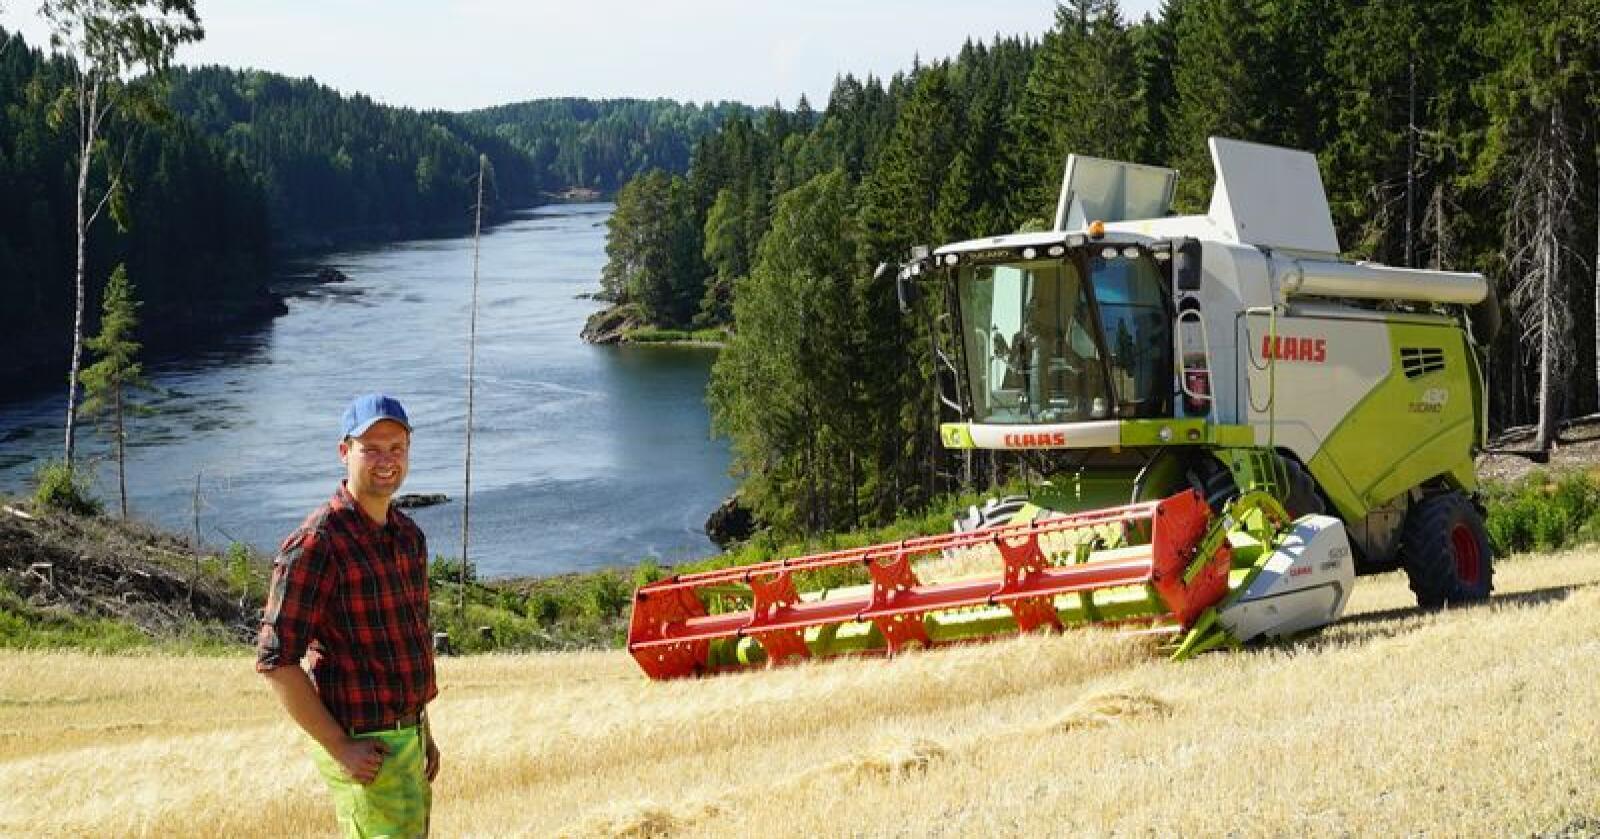 Størst i Norge: Produktsjef Ingar Høgmoen foran en Claas Tucano 430 Montana. Claas har solgt 39 av 118 nye skurtreskere i Norge det siste året. Foto: Norwegian Agro Machinery